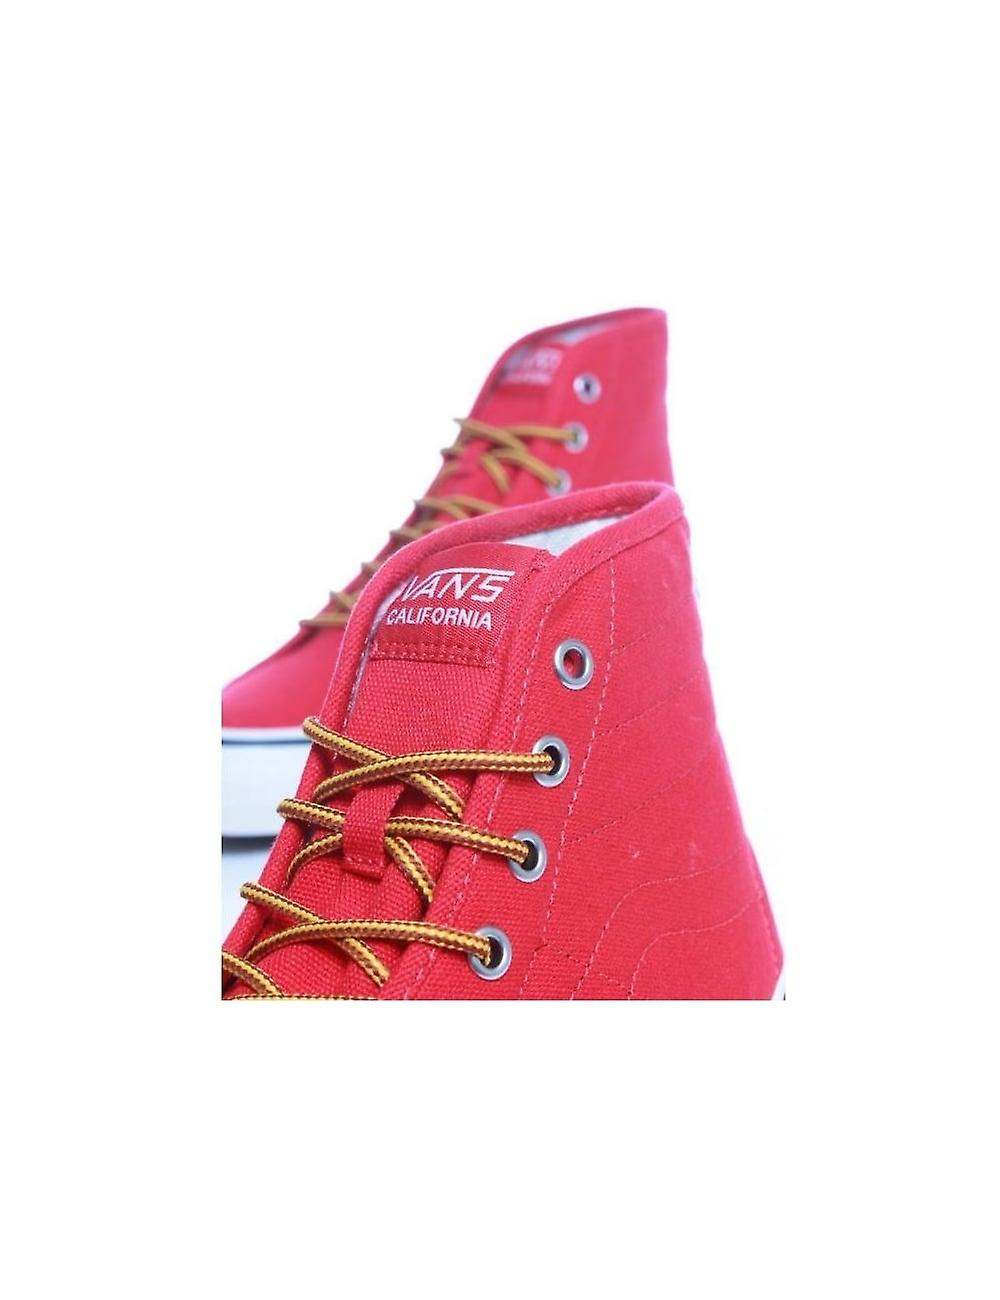 VANS California Sk8-hi liaison Boots - rouge